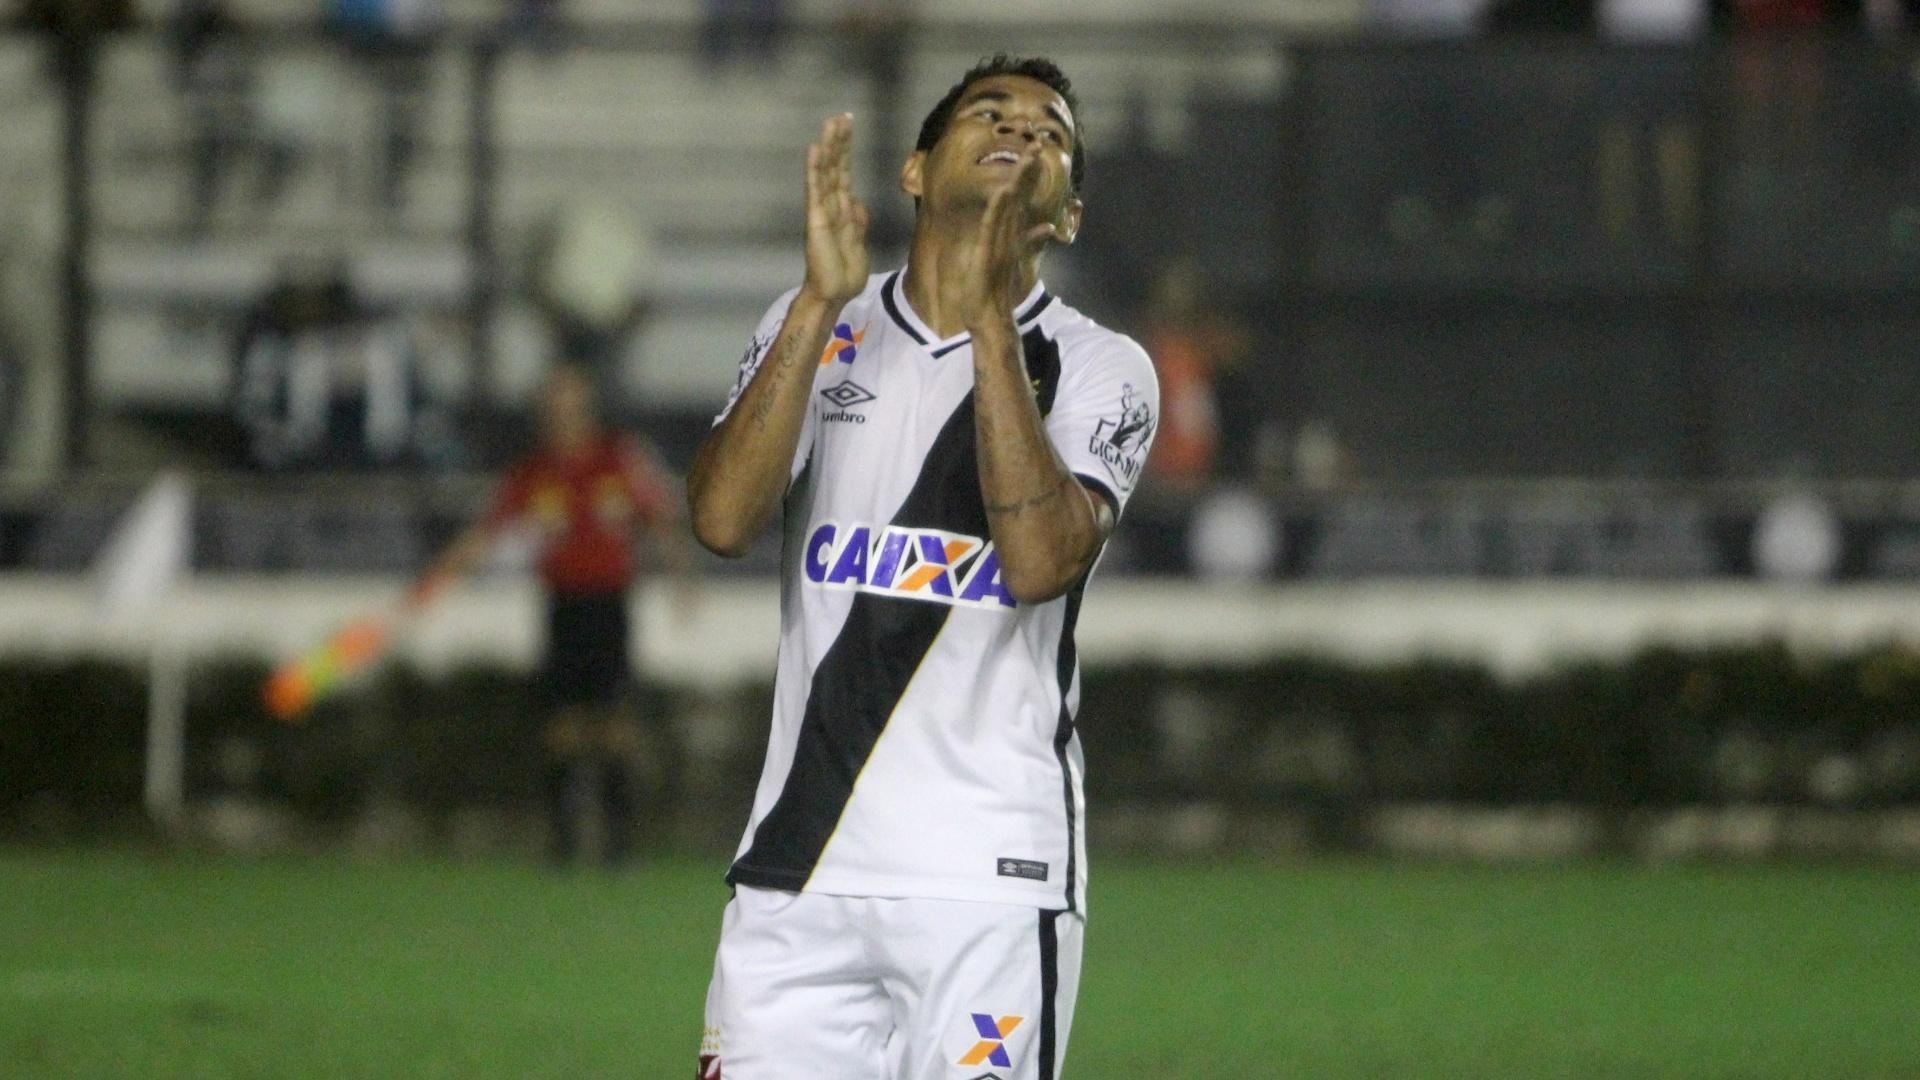 Éderson comemora gol do Vasco contra o Criciúma pela Série B